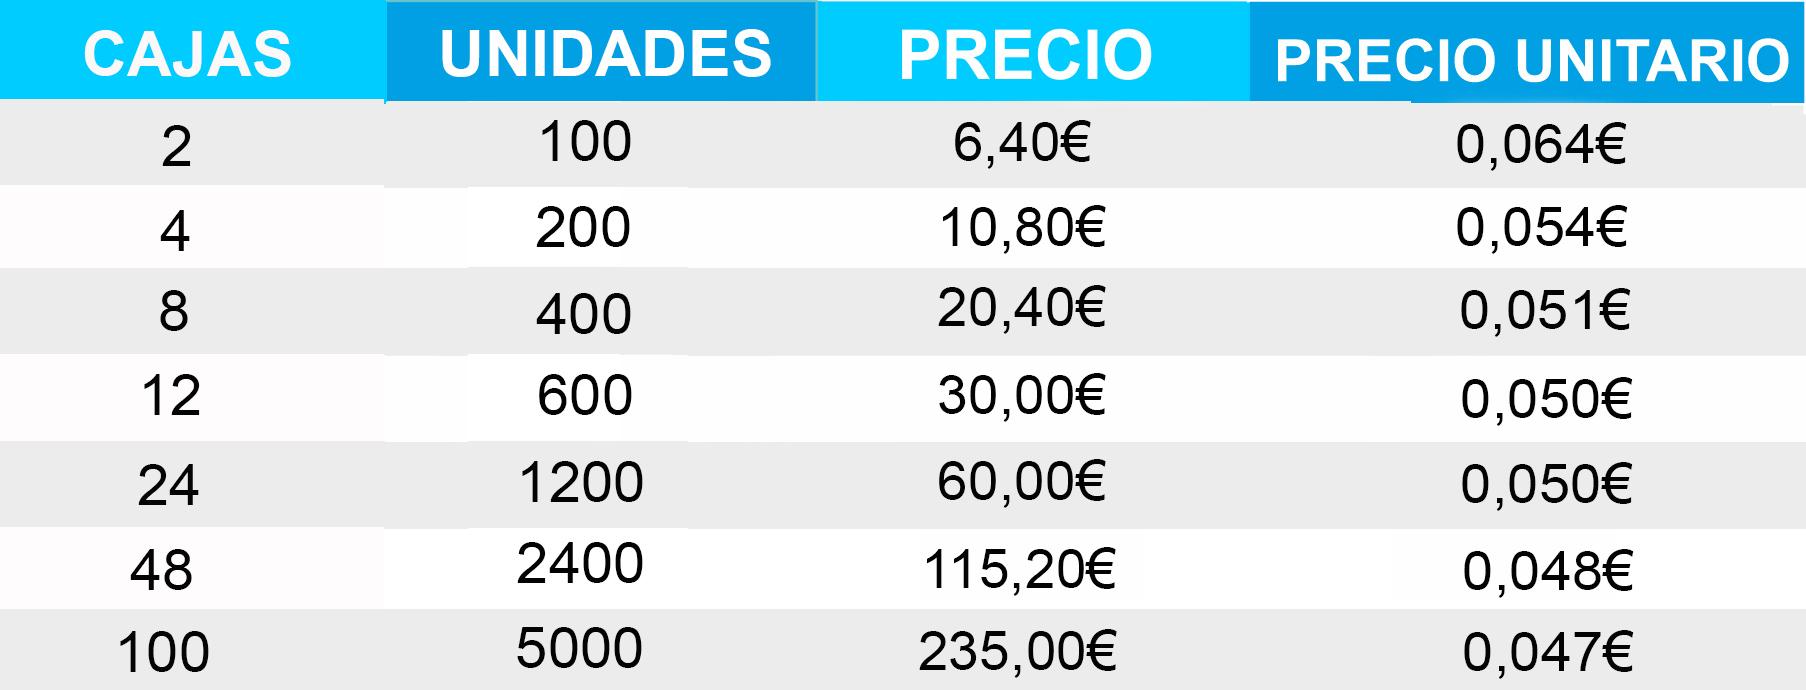 TABLA TIPO I 088888888.jpg